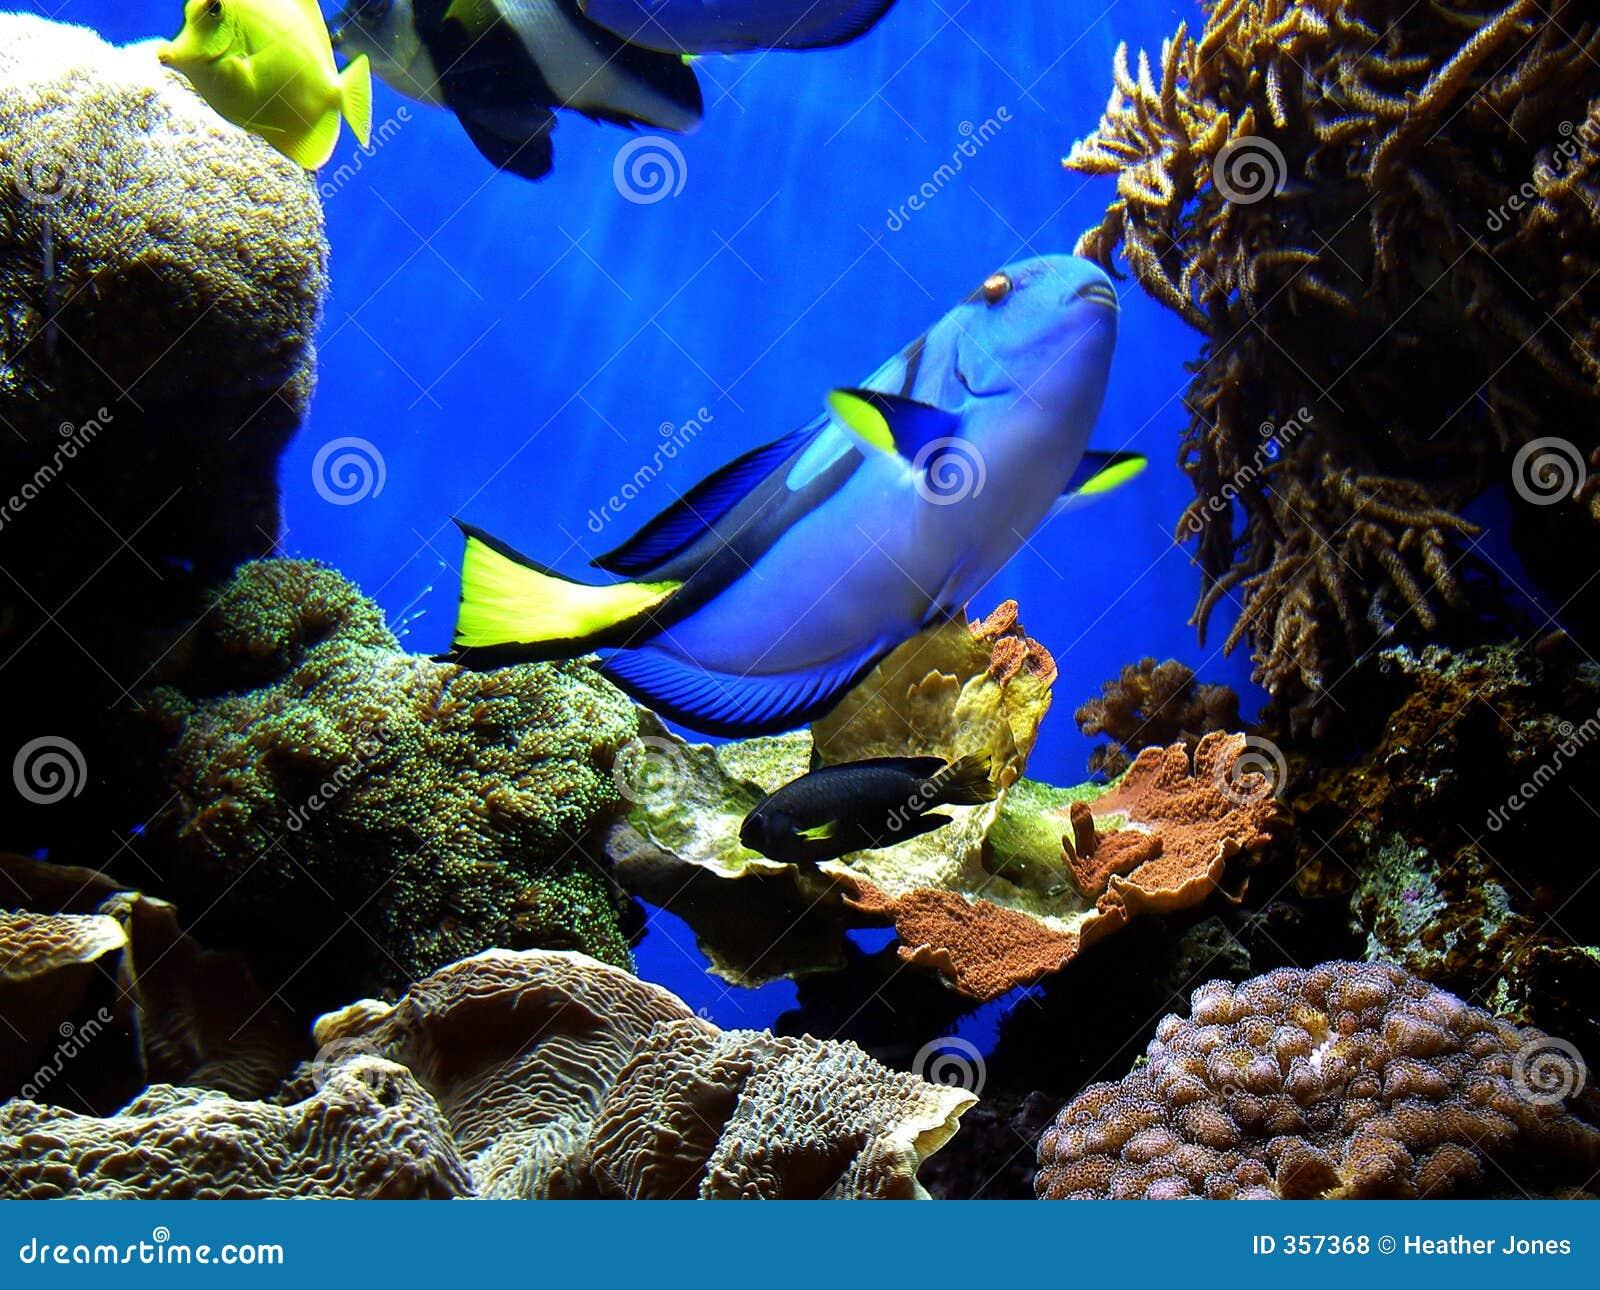 Conclusion du doris de nemo photo stock image du rayons - Nemo et doris ...